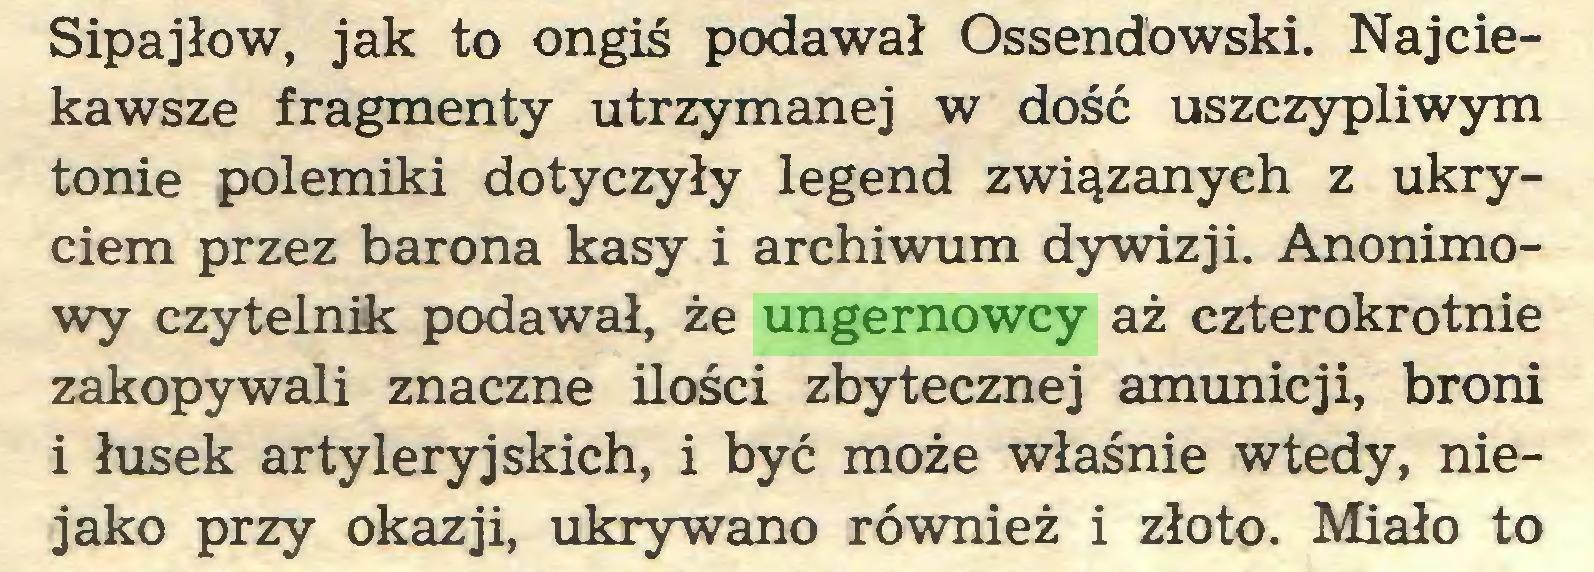 (...) Sipajłow, jak to ongiś podawał Ossendowski. Najciekawsze fragmenty utrzymanej w dość uszczypliwym tonie polemiki dotyczyły legend związanych z ukryciem przez barona kasy i archiwum dywizji. Anonimowy czytelnik podawał, że ungernowcy aż czterokrotnie zakopywali znaczne ilości zbytecznej amunicji, broni i łusek artyleryjskich, i być może właśnie wtedy, niejako przy okazji, ukrywano również i złoto. Miało to...